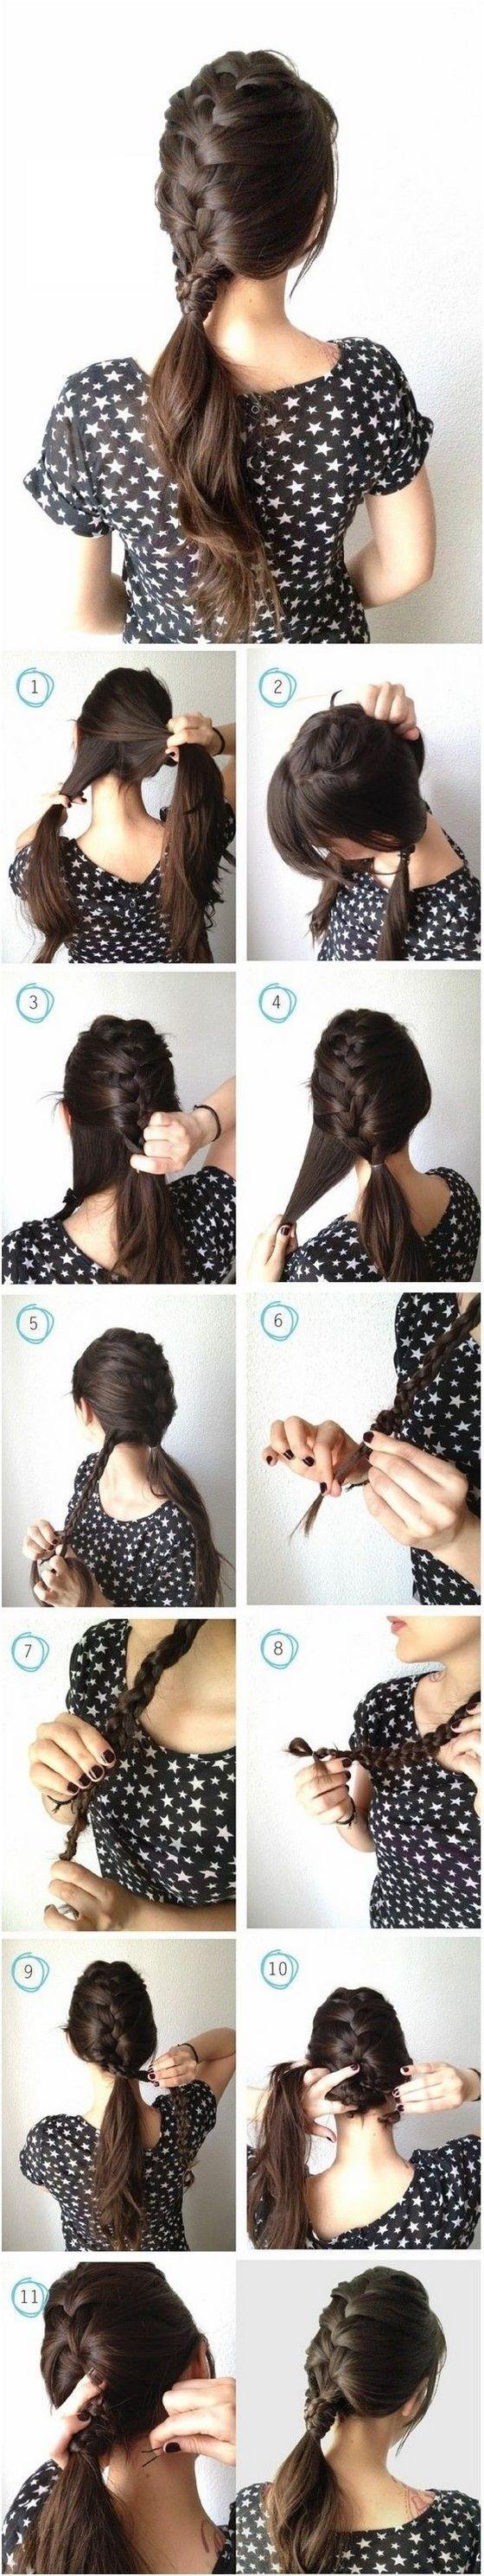 peinado de trenza y cola de caballo tutorial